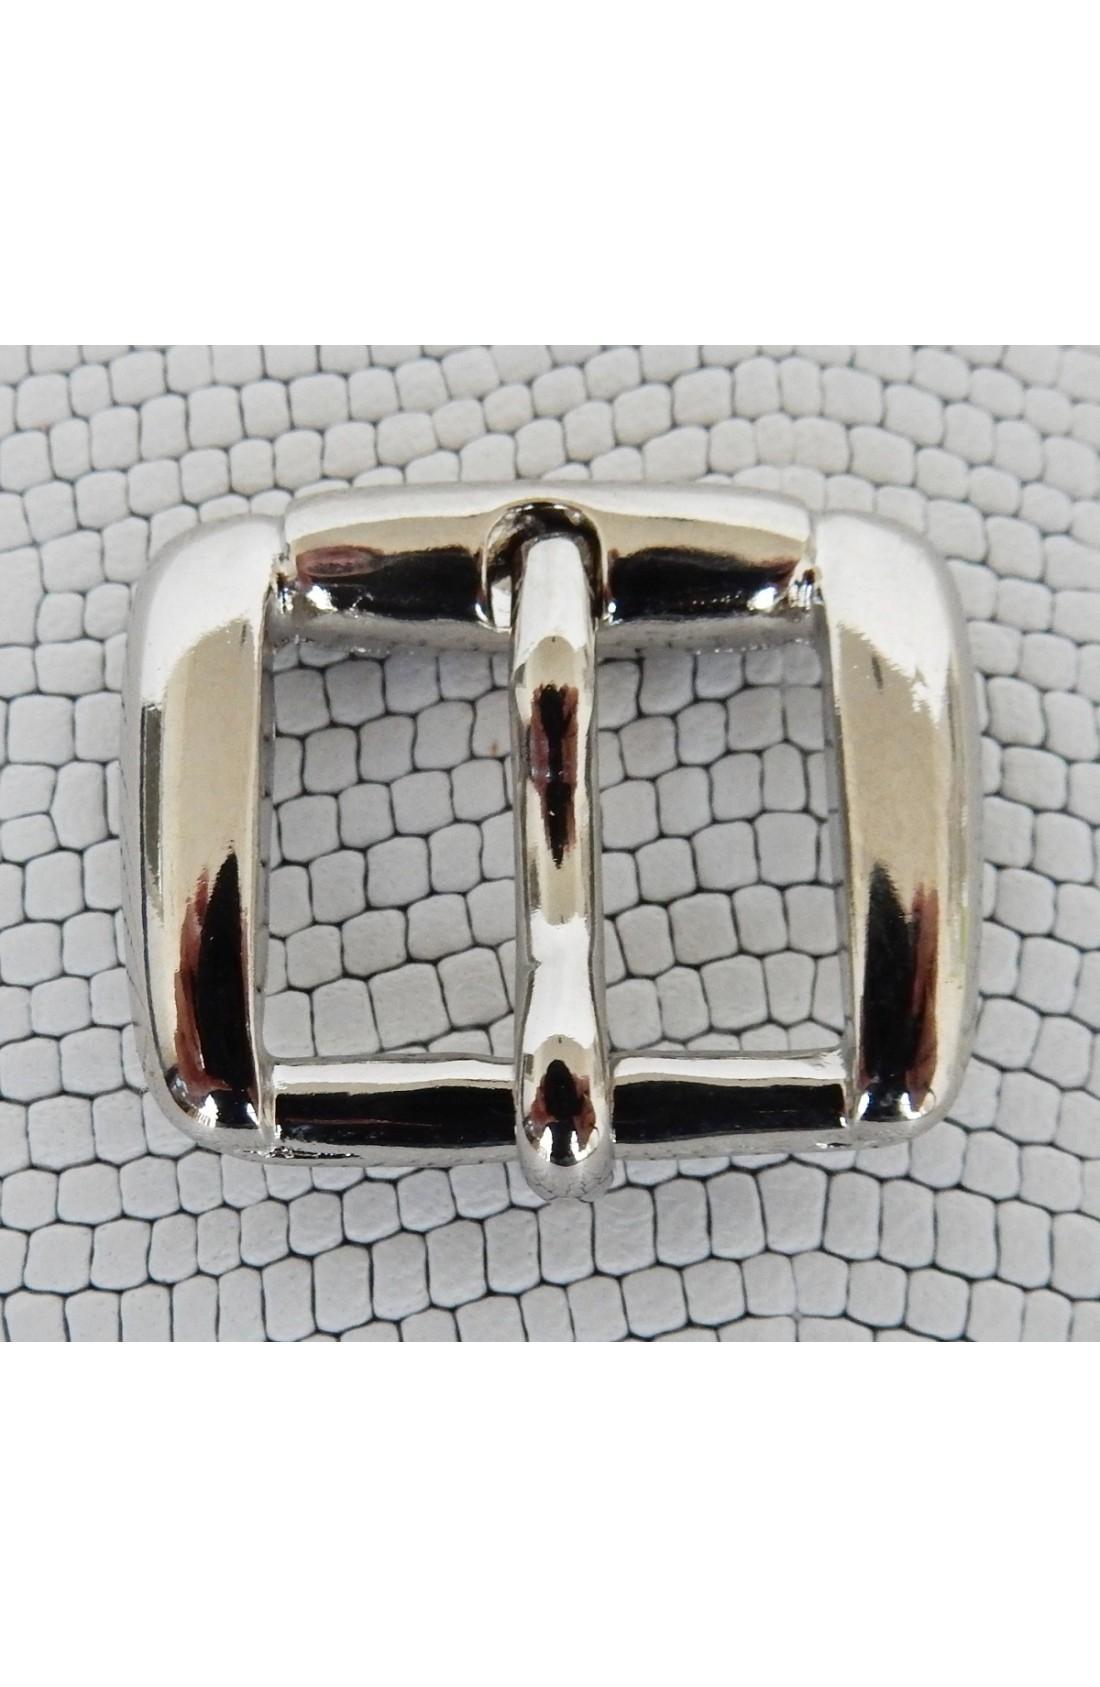 Fibbia Standard I 205 mm.15 nikel free (1)